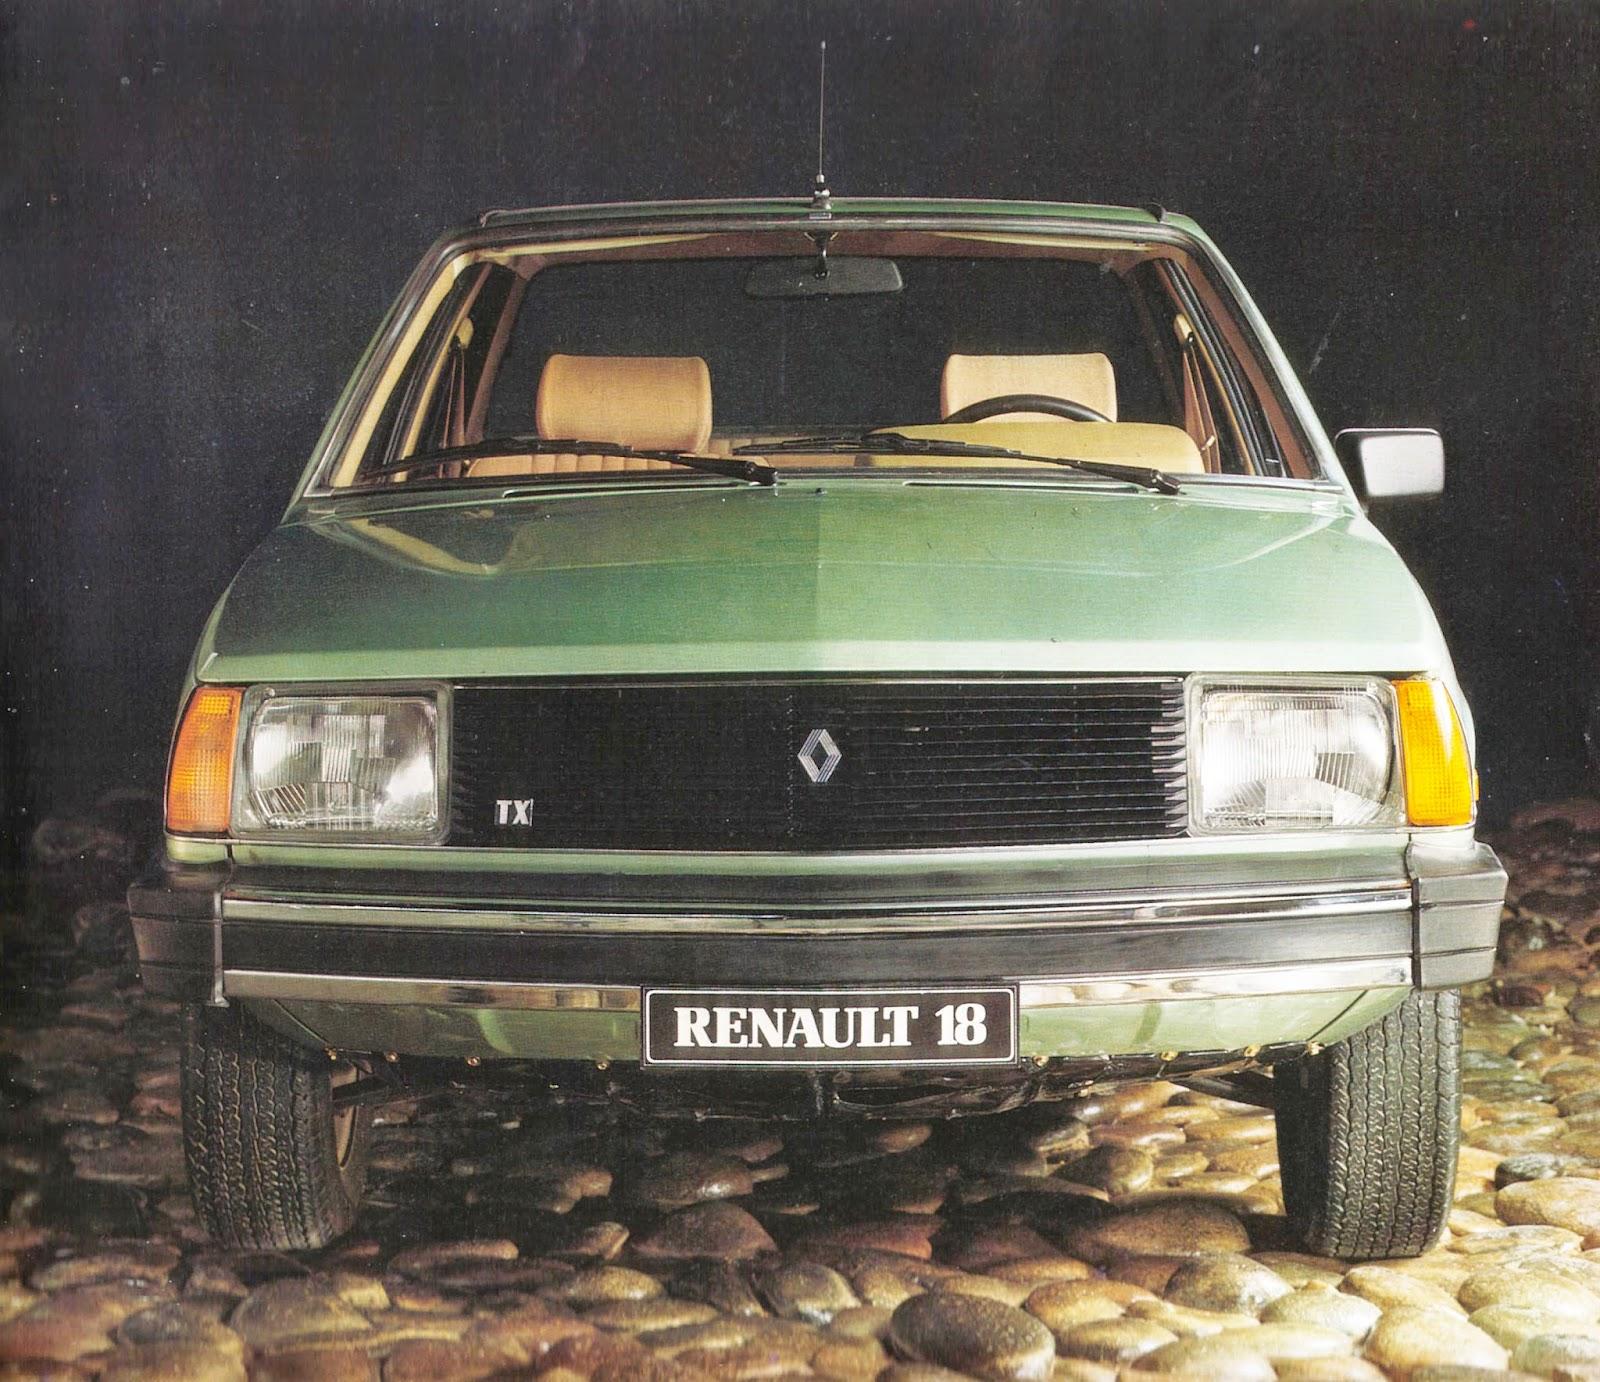 Archivo de autos renault 18 tx la respuesta a los importados for Pateres originales